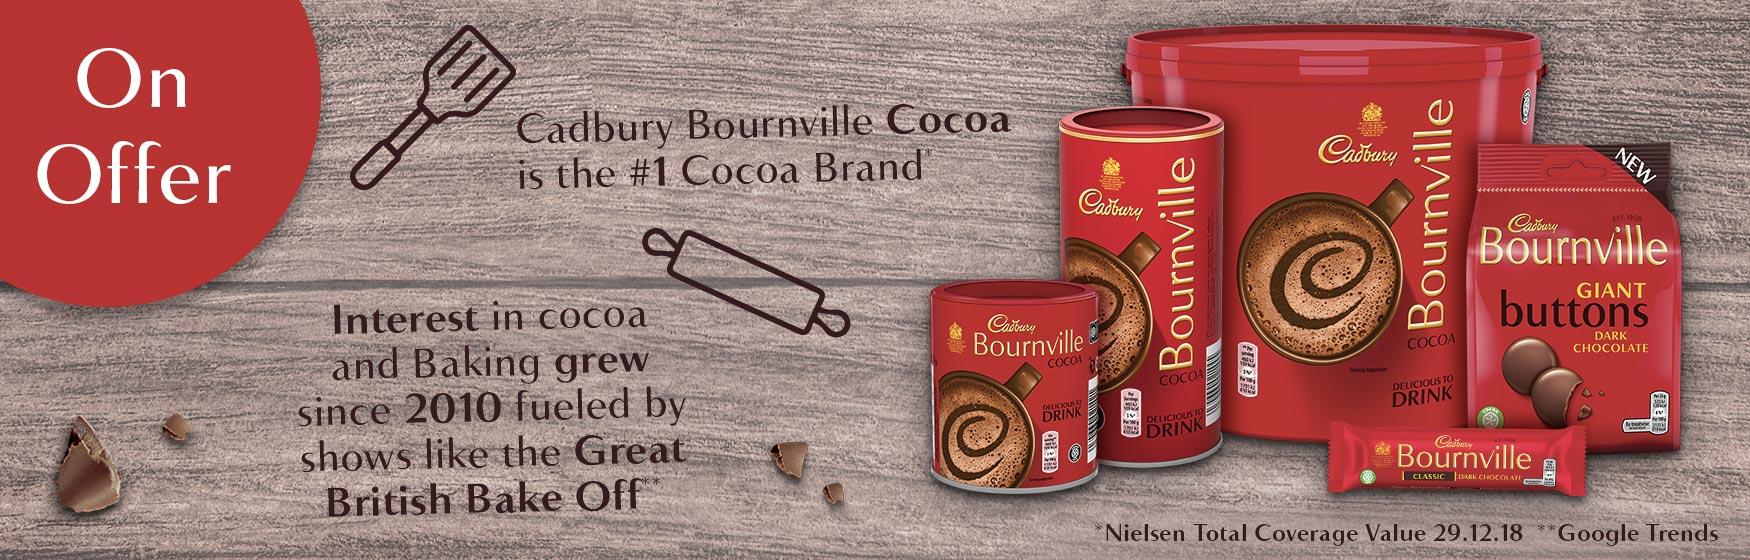 Cadbury Bournville Cocoa is the #1 Cocoa Brand